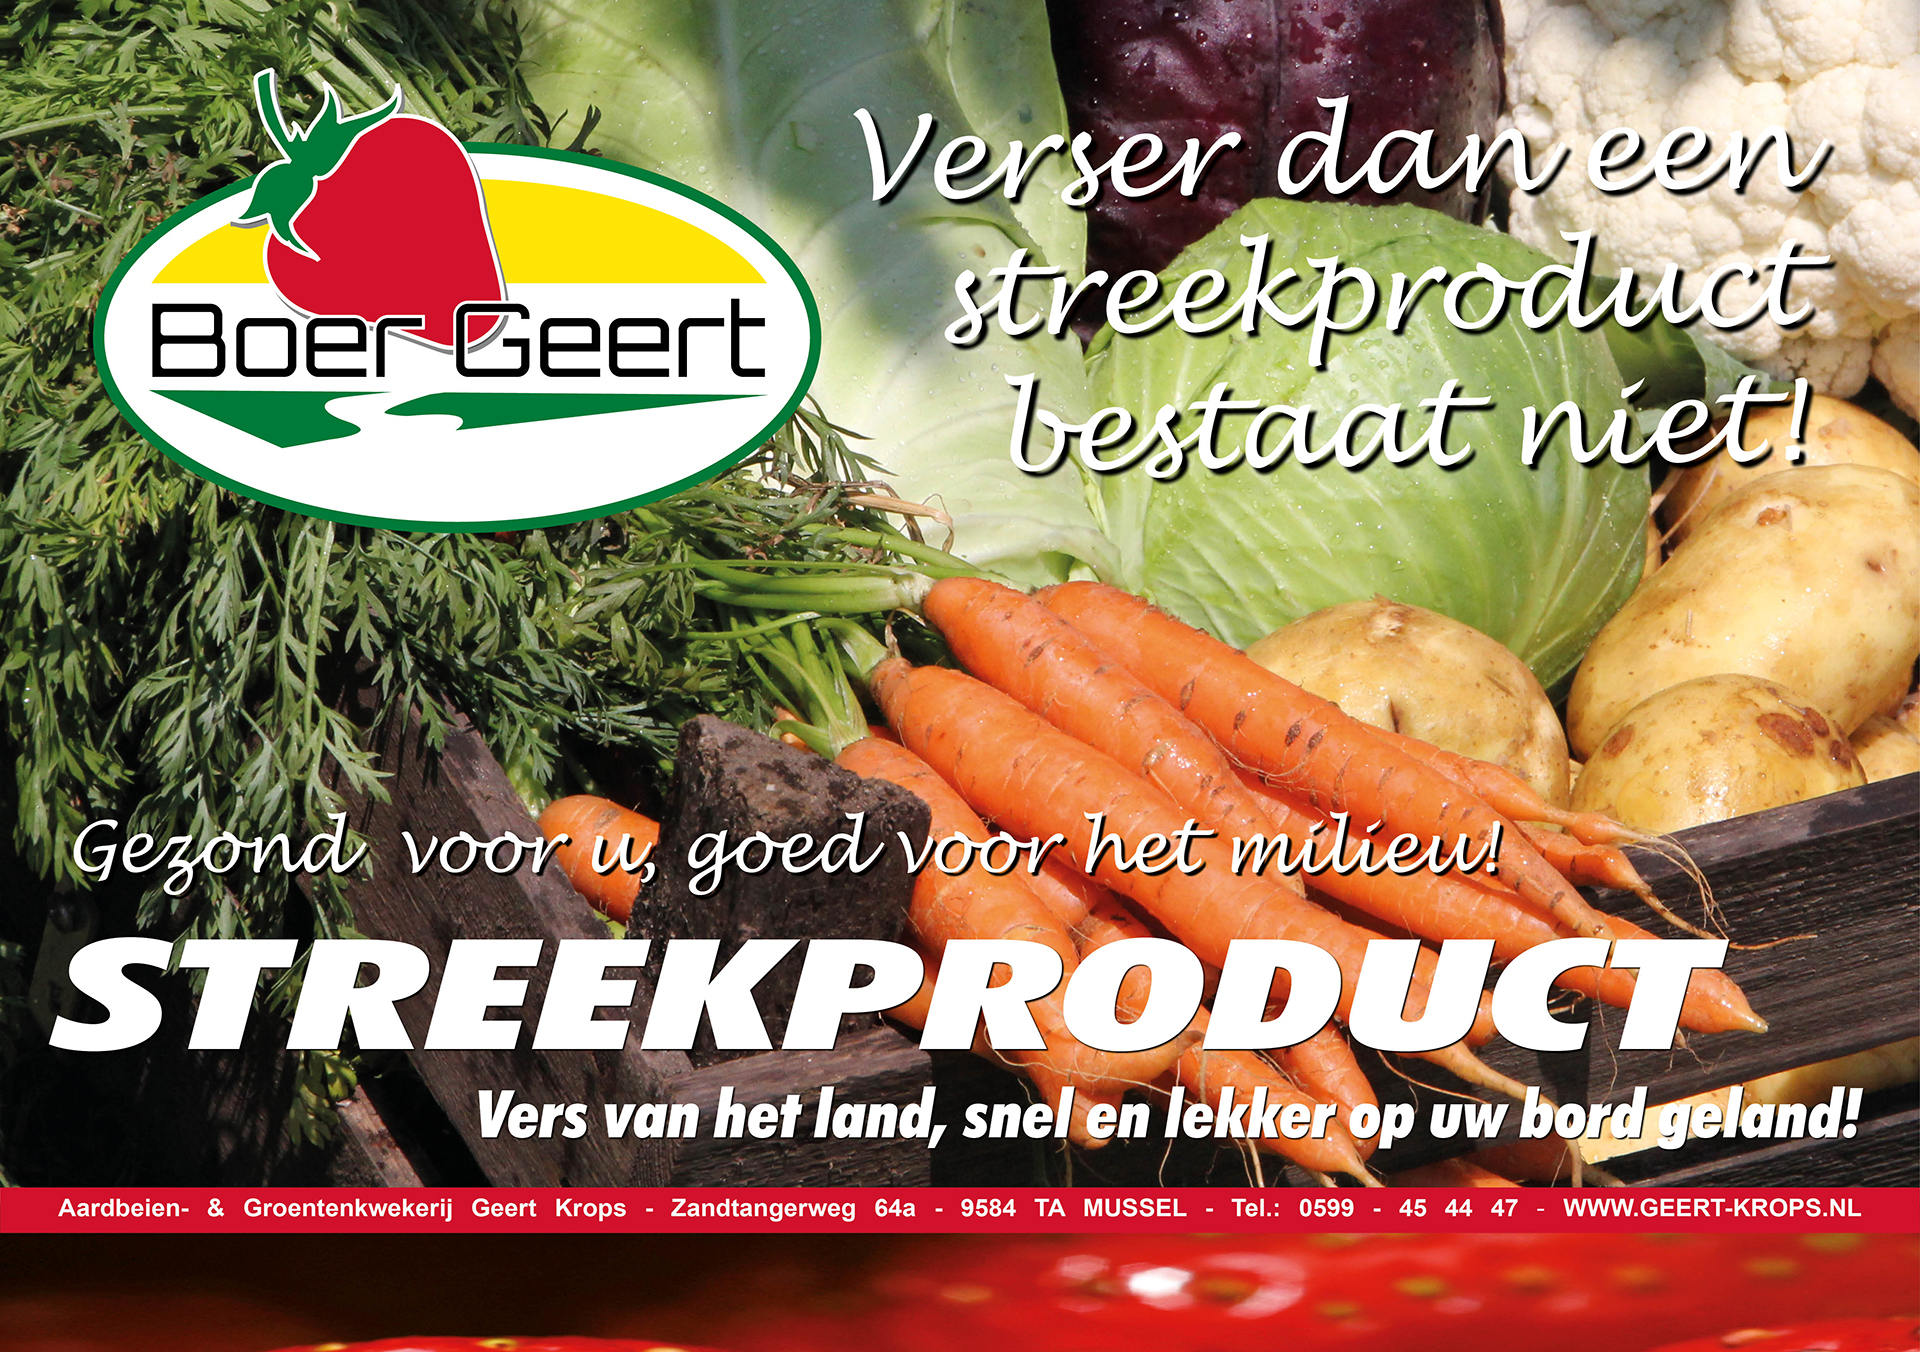 Boer Geert Verser dan een streekproduct bestaat niet